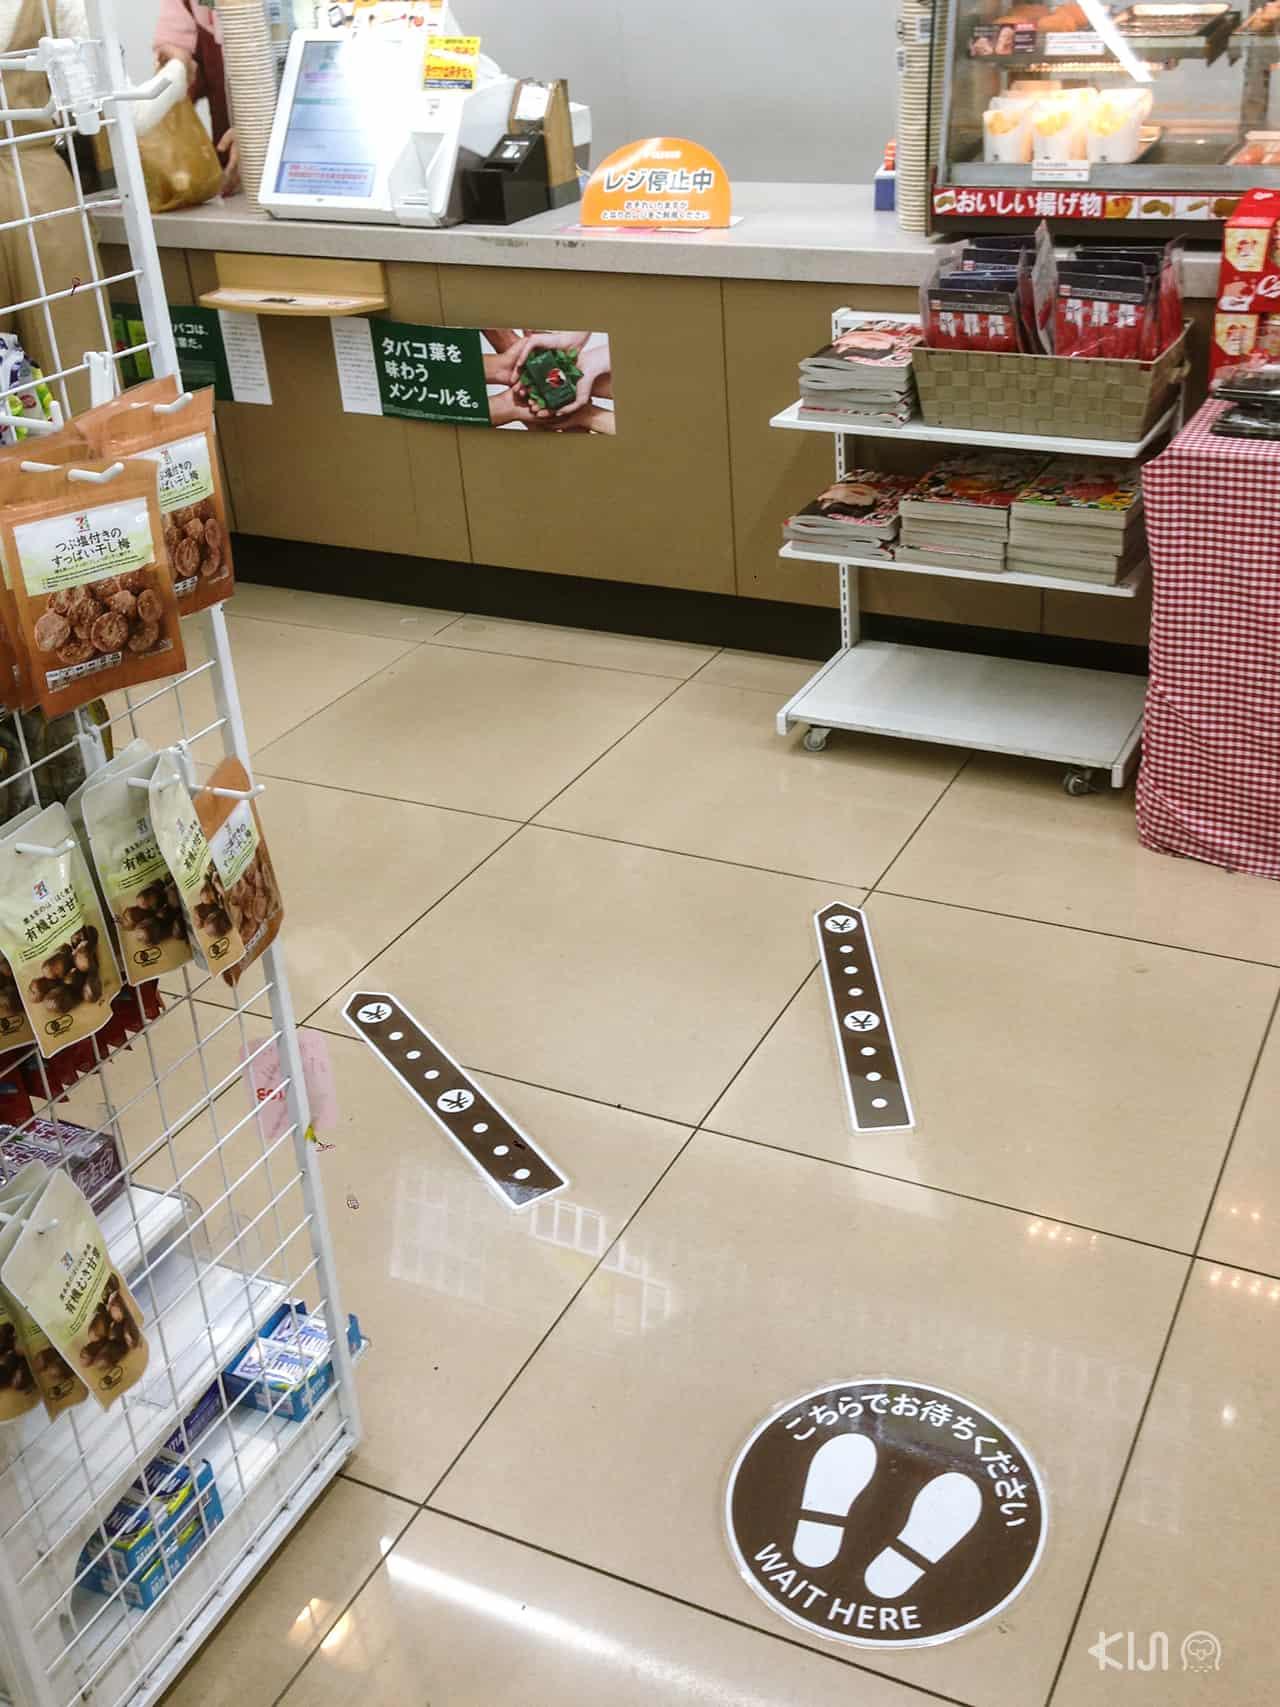 จุดยืนต่อคิวในร้านสะดวกซื้อที่ญี่ปุ่น